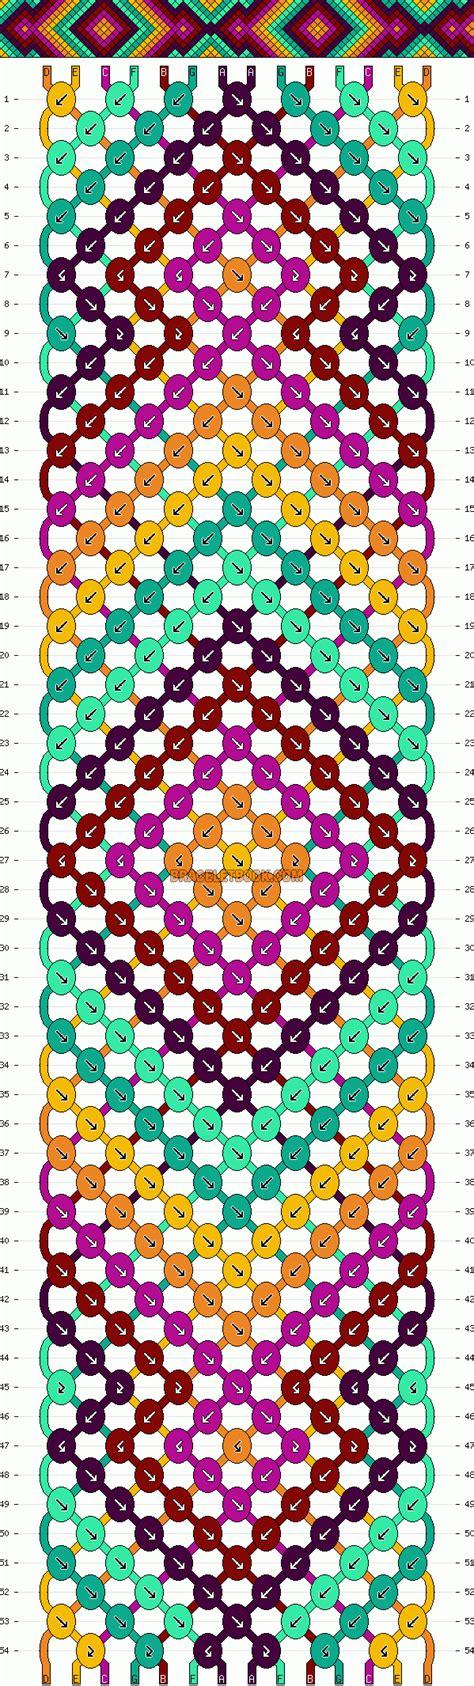 pattern friendship friendship bracelet knot patterns patterns normal